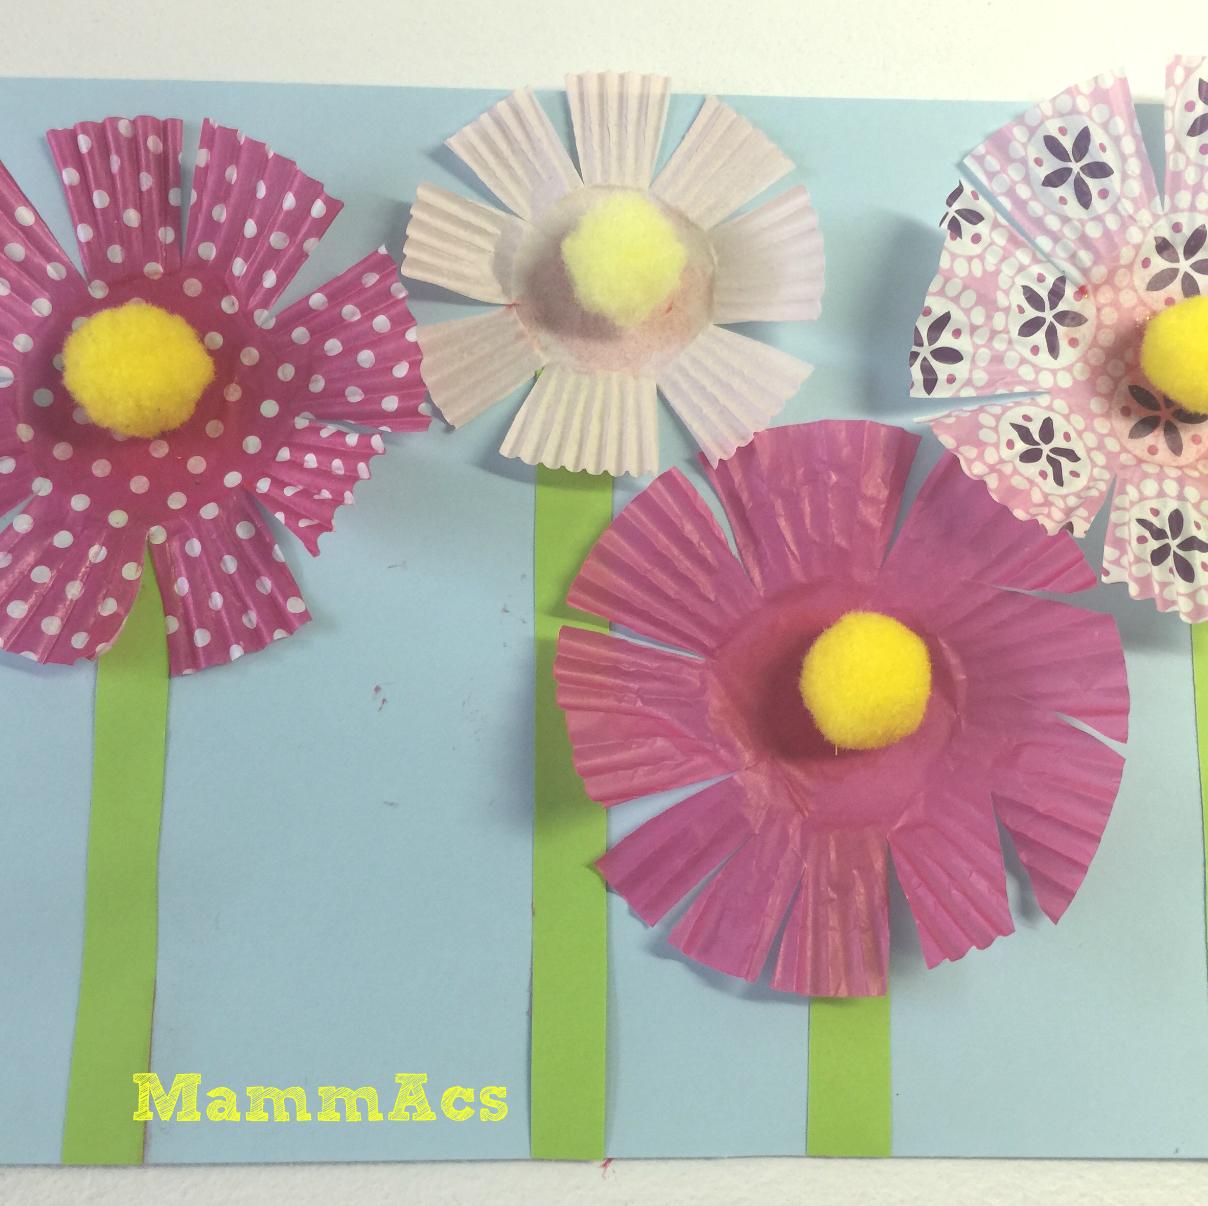 Lavoretto veloce fiori di carta mammacs for Fiori semplici